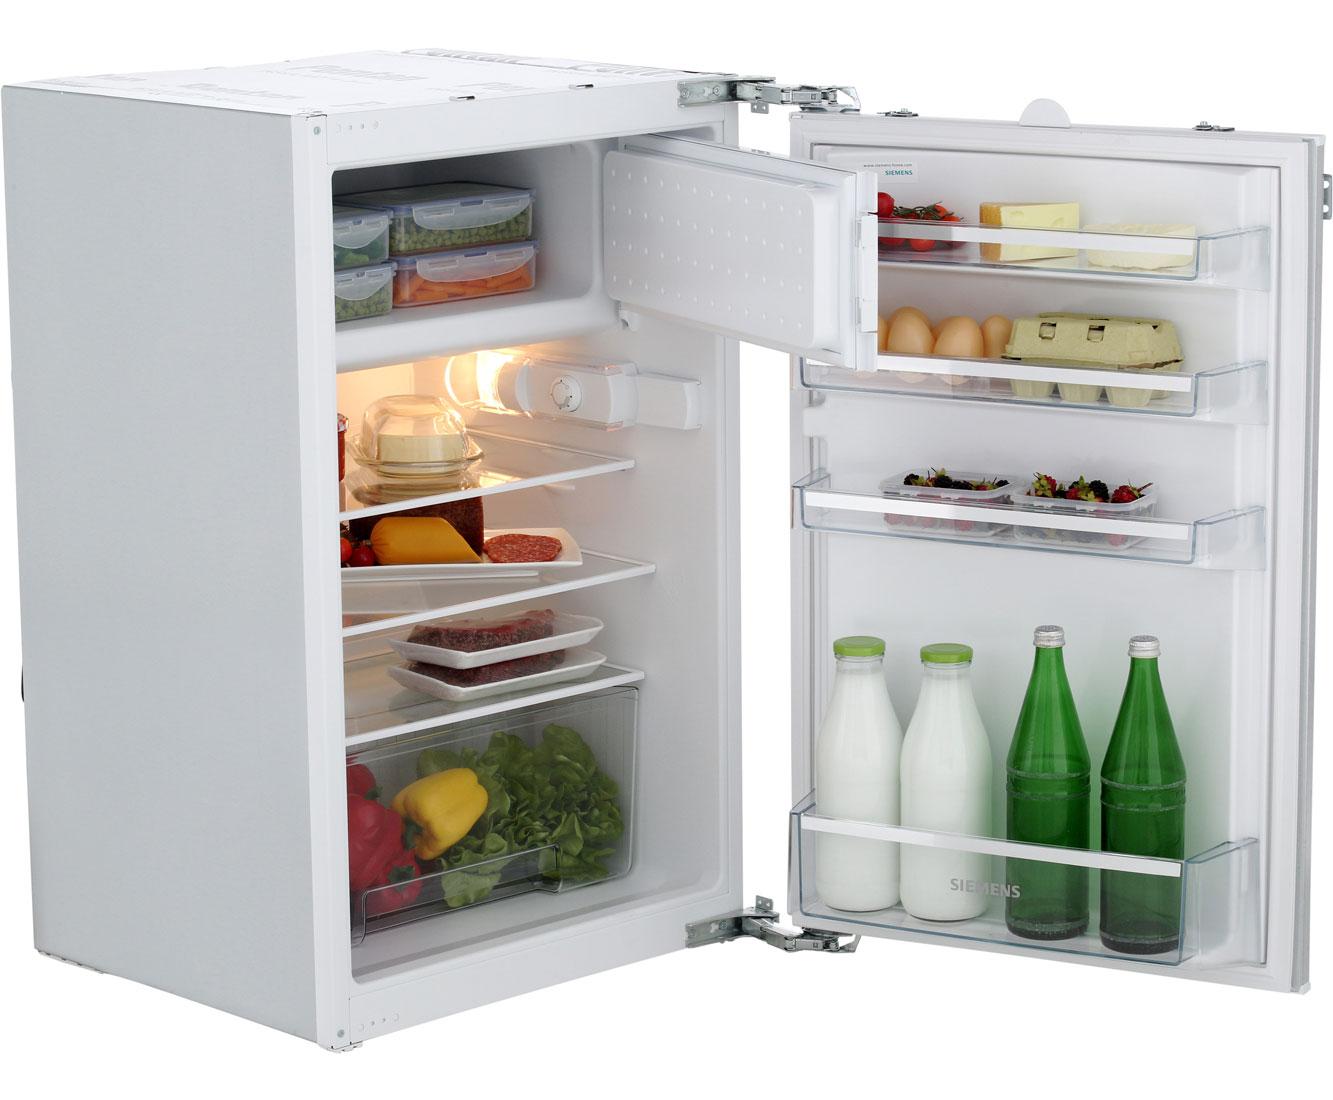 Siemens Kühlschrank Reparatur : Siemens iq100 ki18lv51 einbau kühlschrank mit gefrierfach 88er